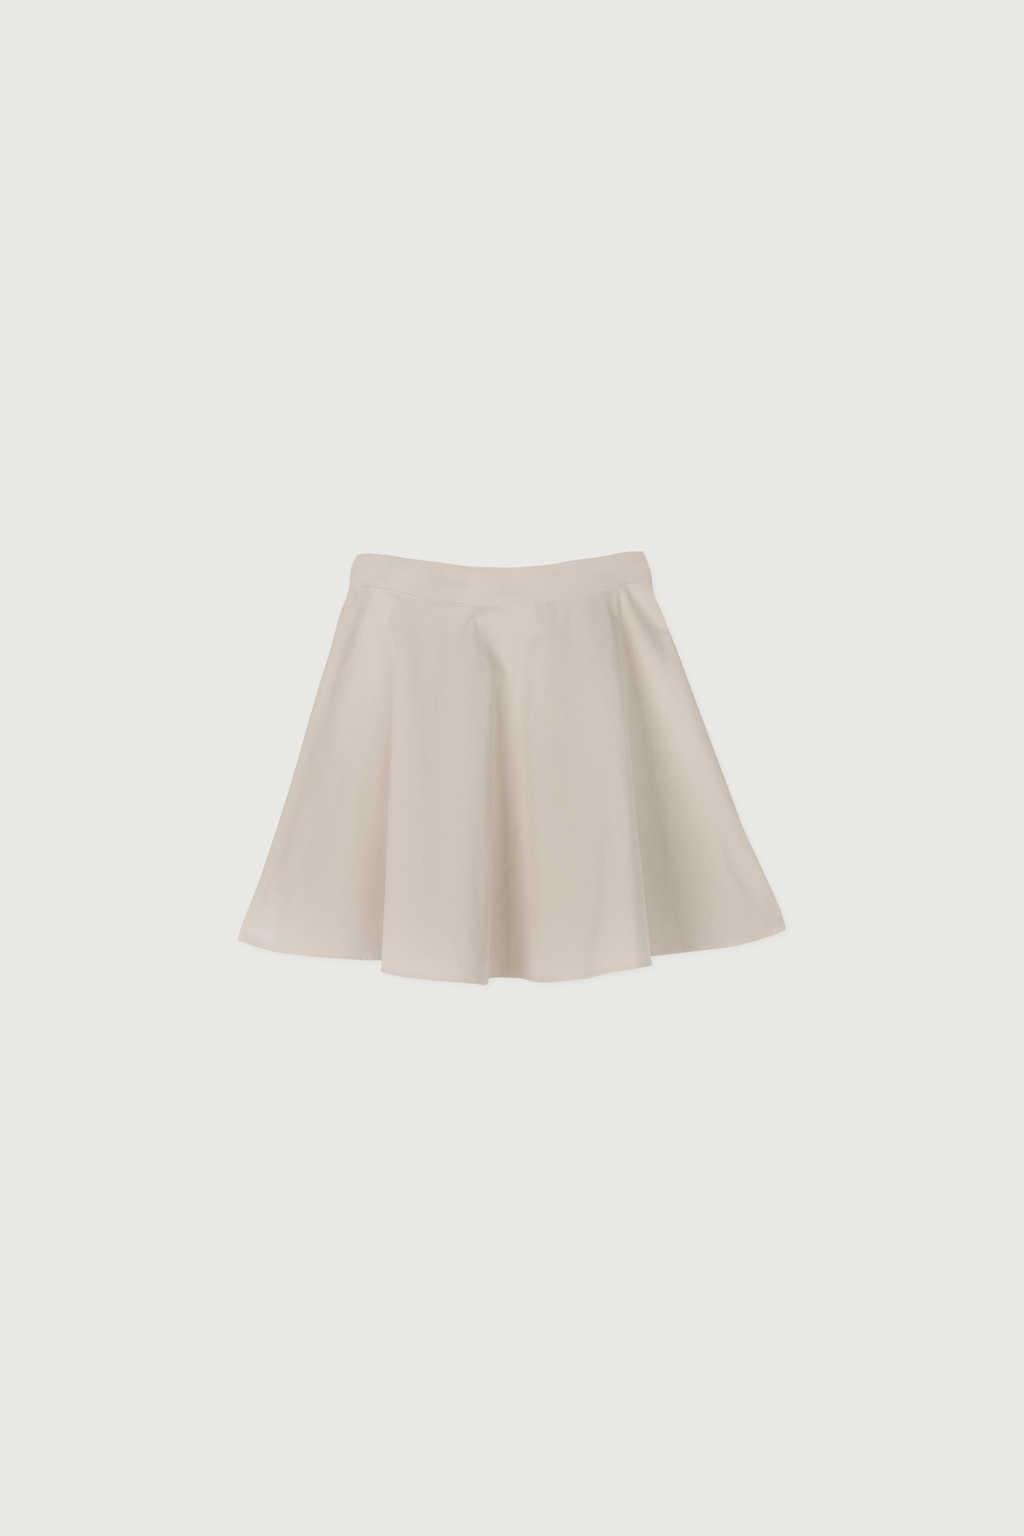 Skirt K021 Beige 5